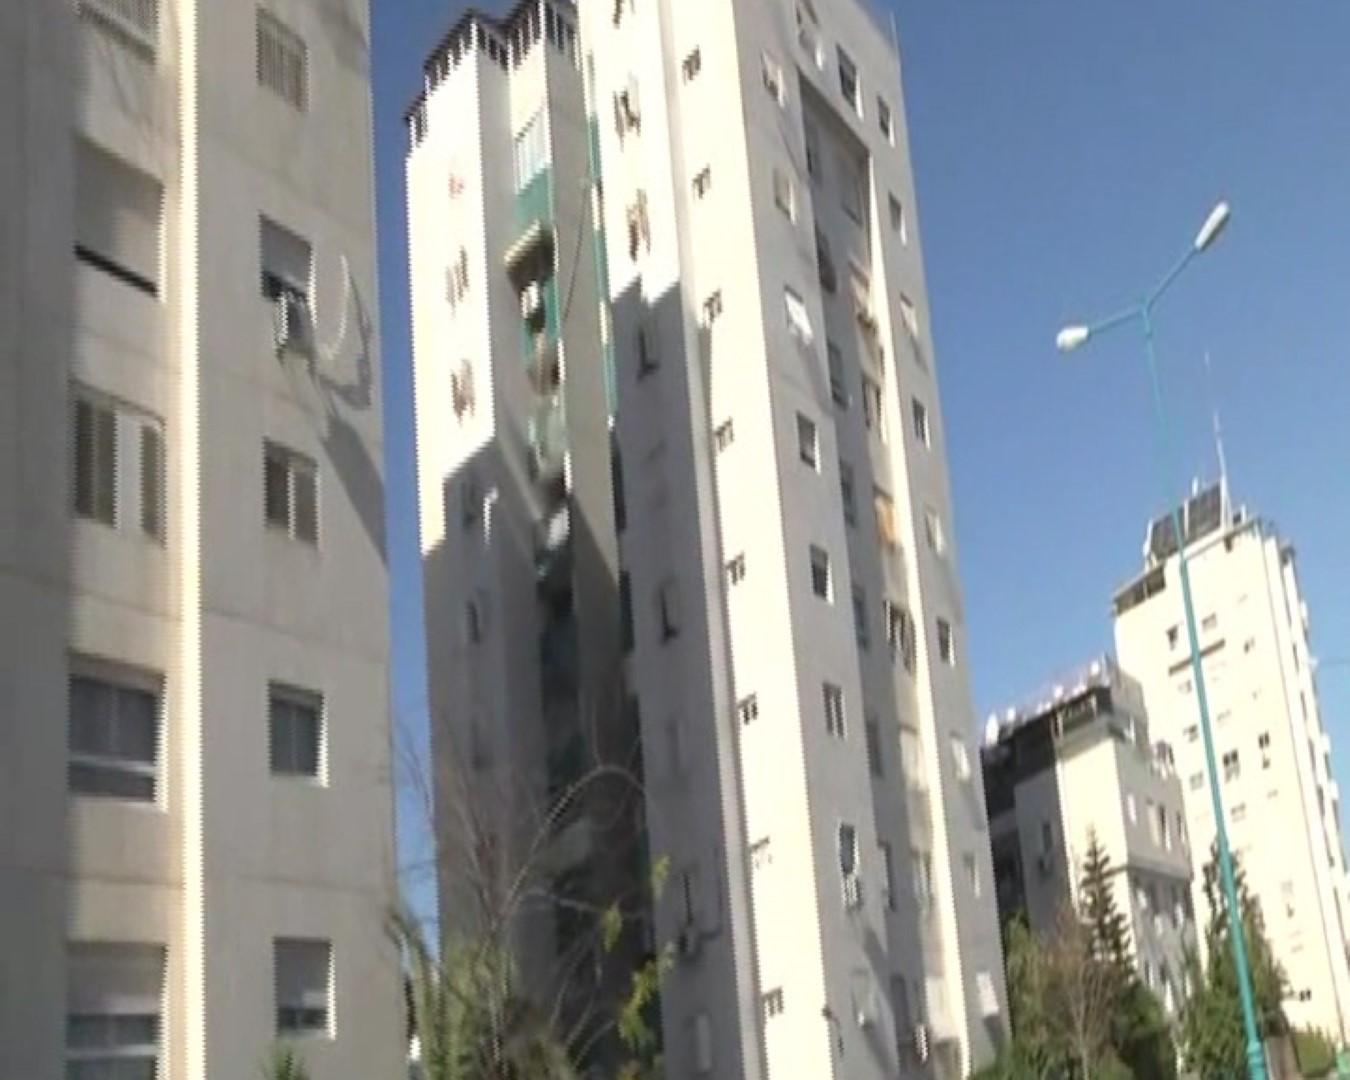 שכונת גני אביב בלוד (צילום: אורי דוידוביץ) (צילום: אורי דוידוביץ)